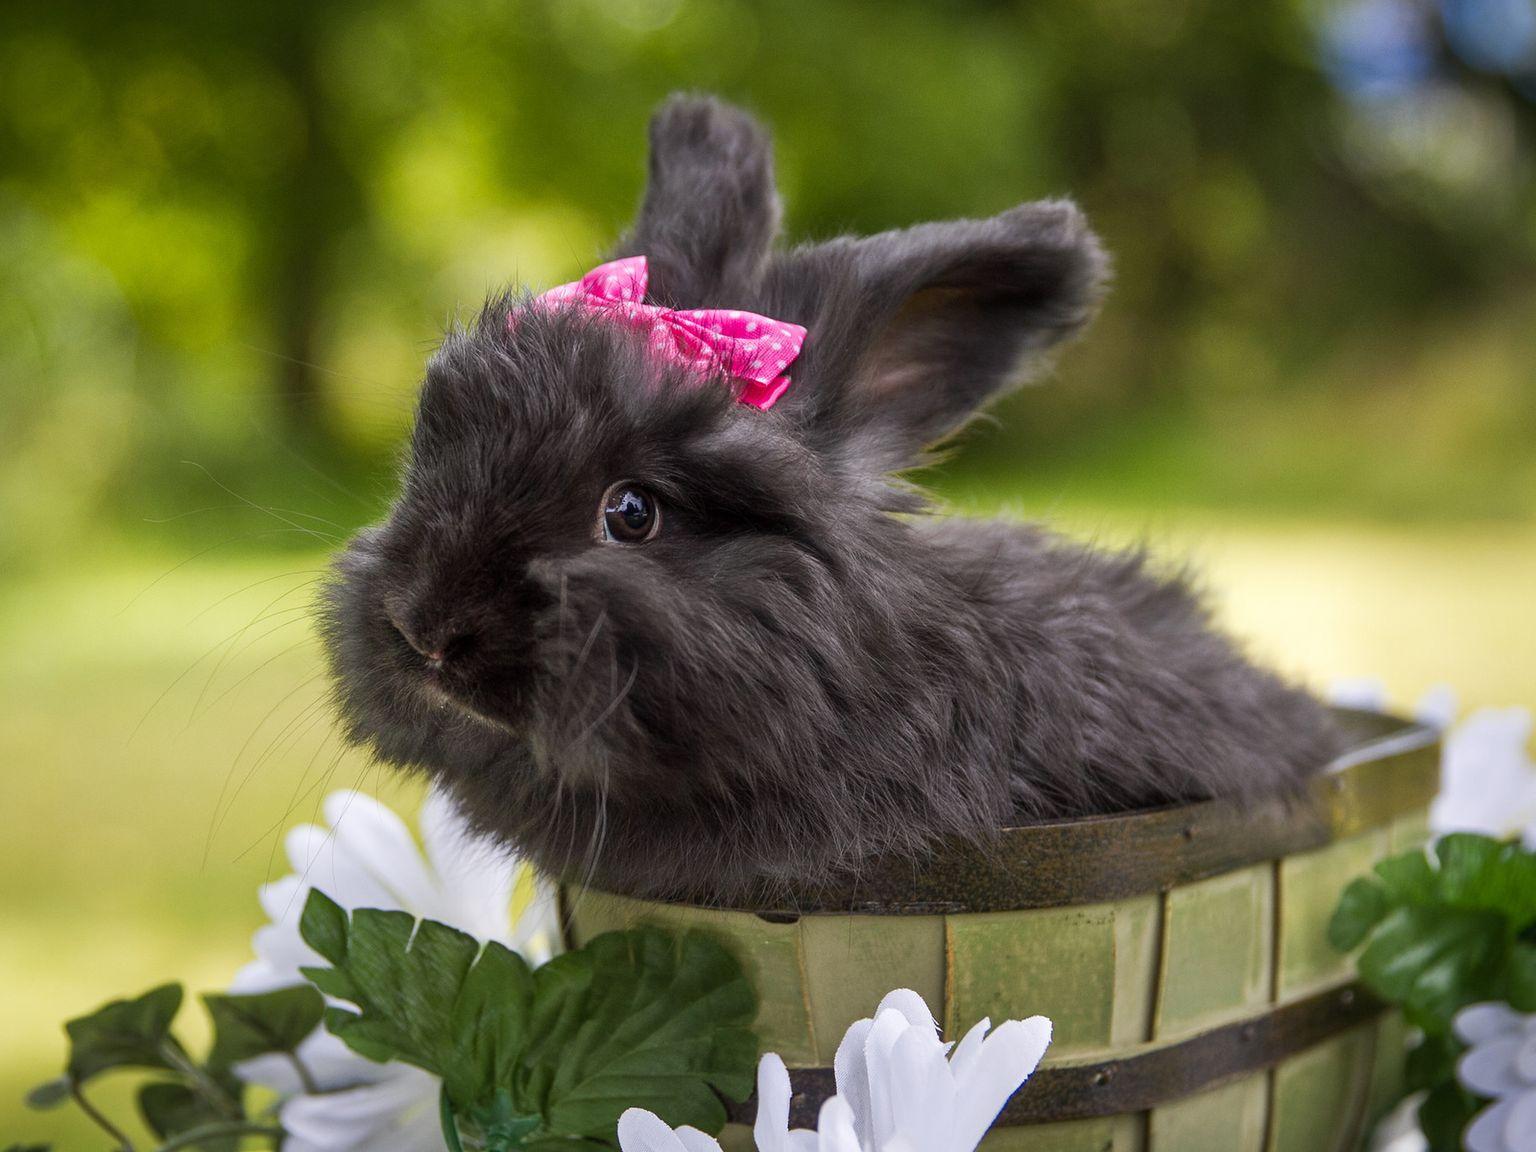 красивый кролик фото тому же